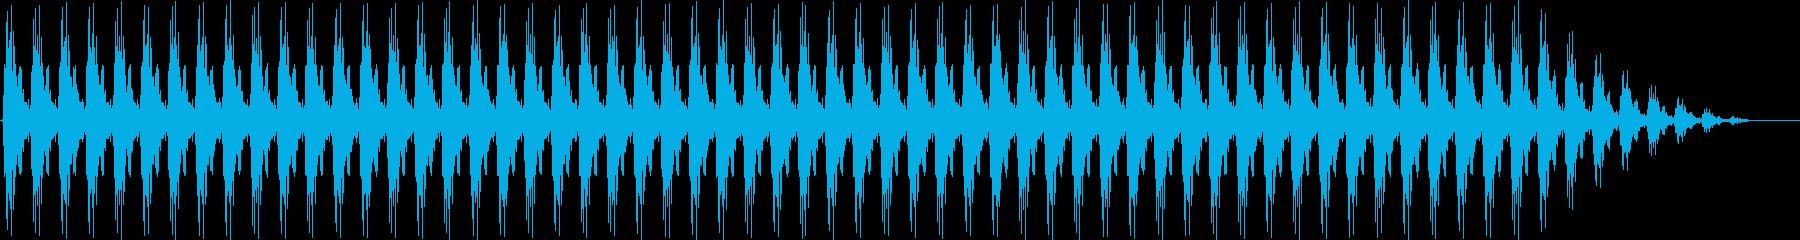 クリスマスの鈴(低め、テンポ速い)の再生済みの波形